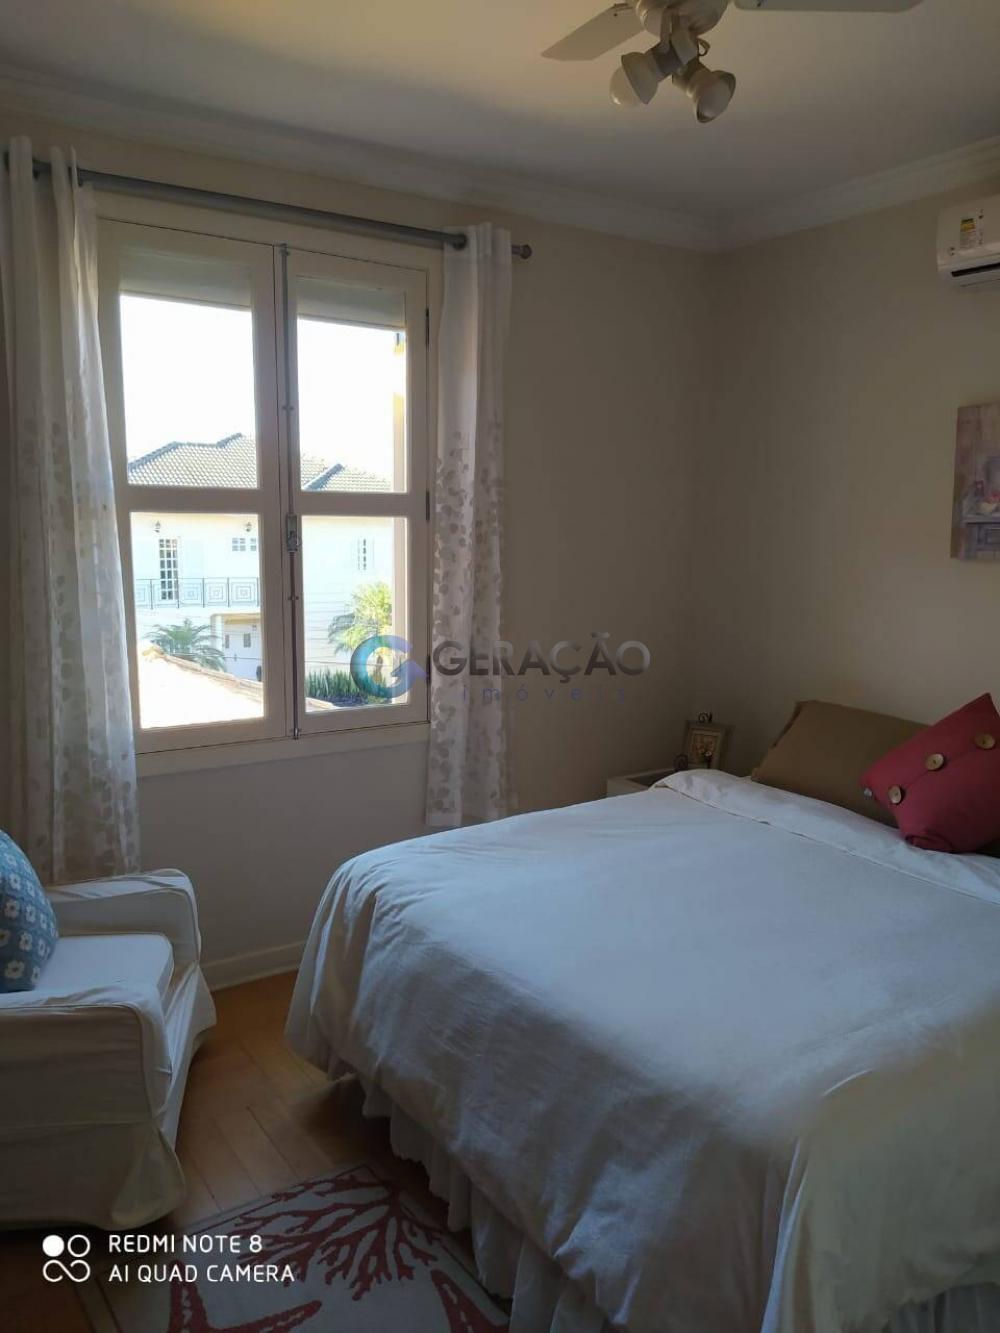 Comprar Casa / Condomínio em São José dos Campos R$ 2.040.000,00 - Foto 24